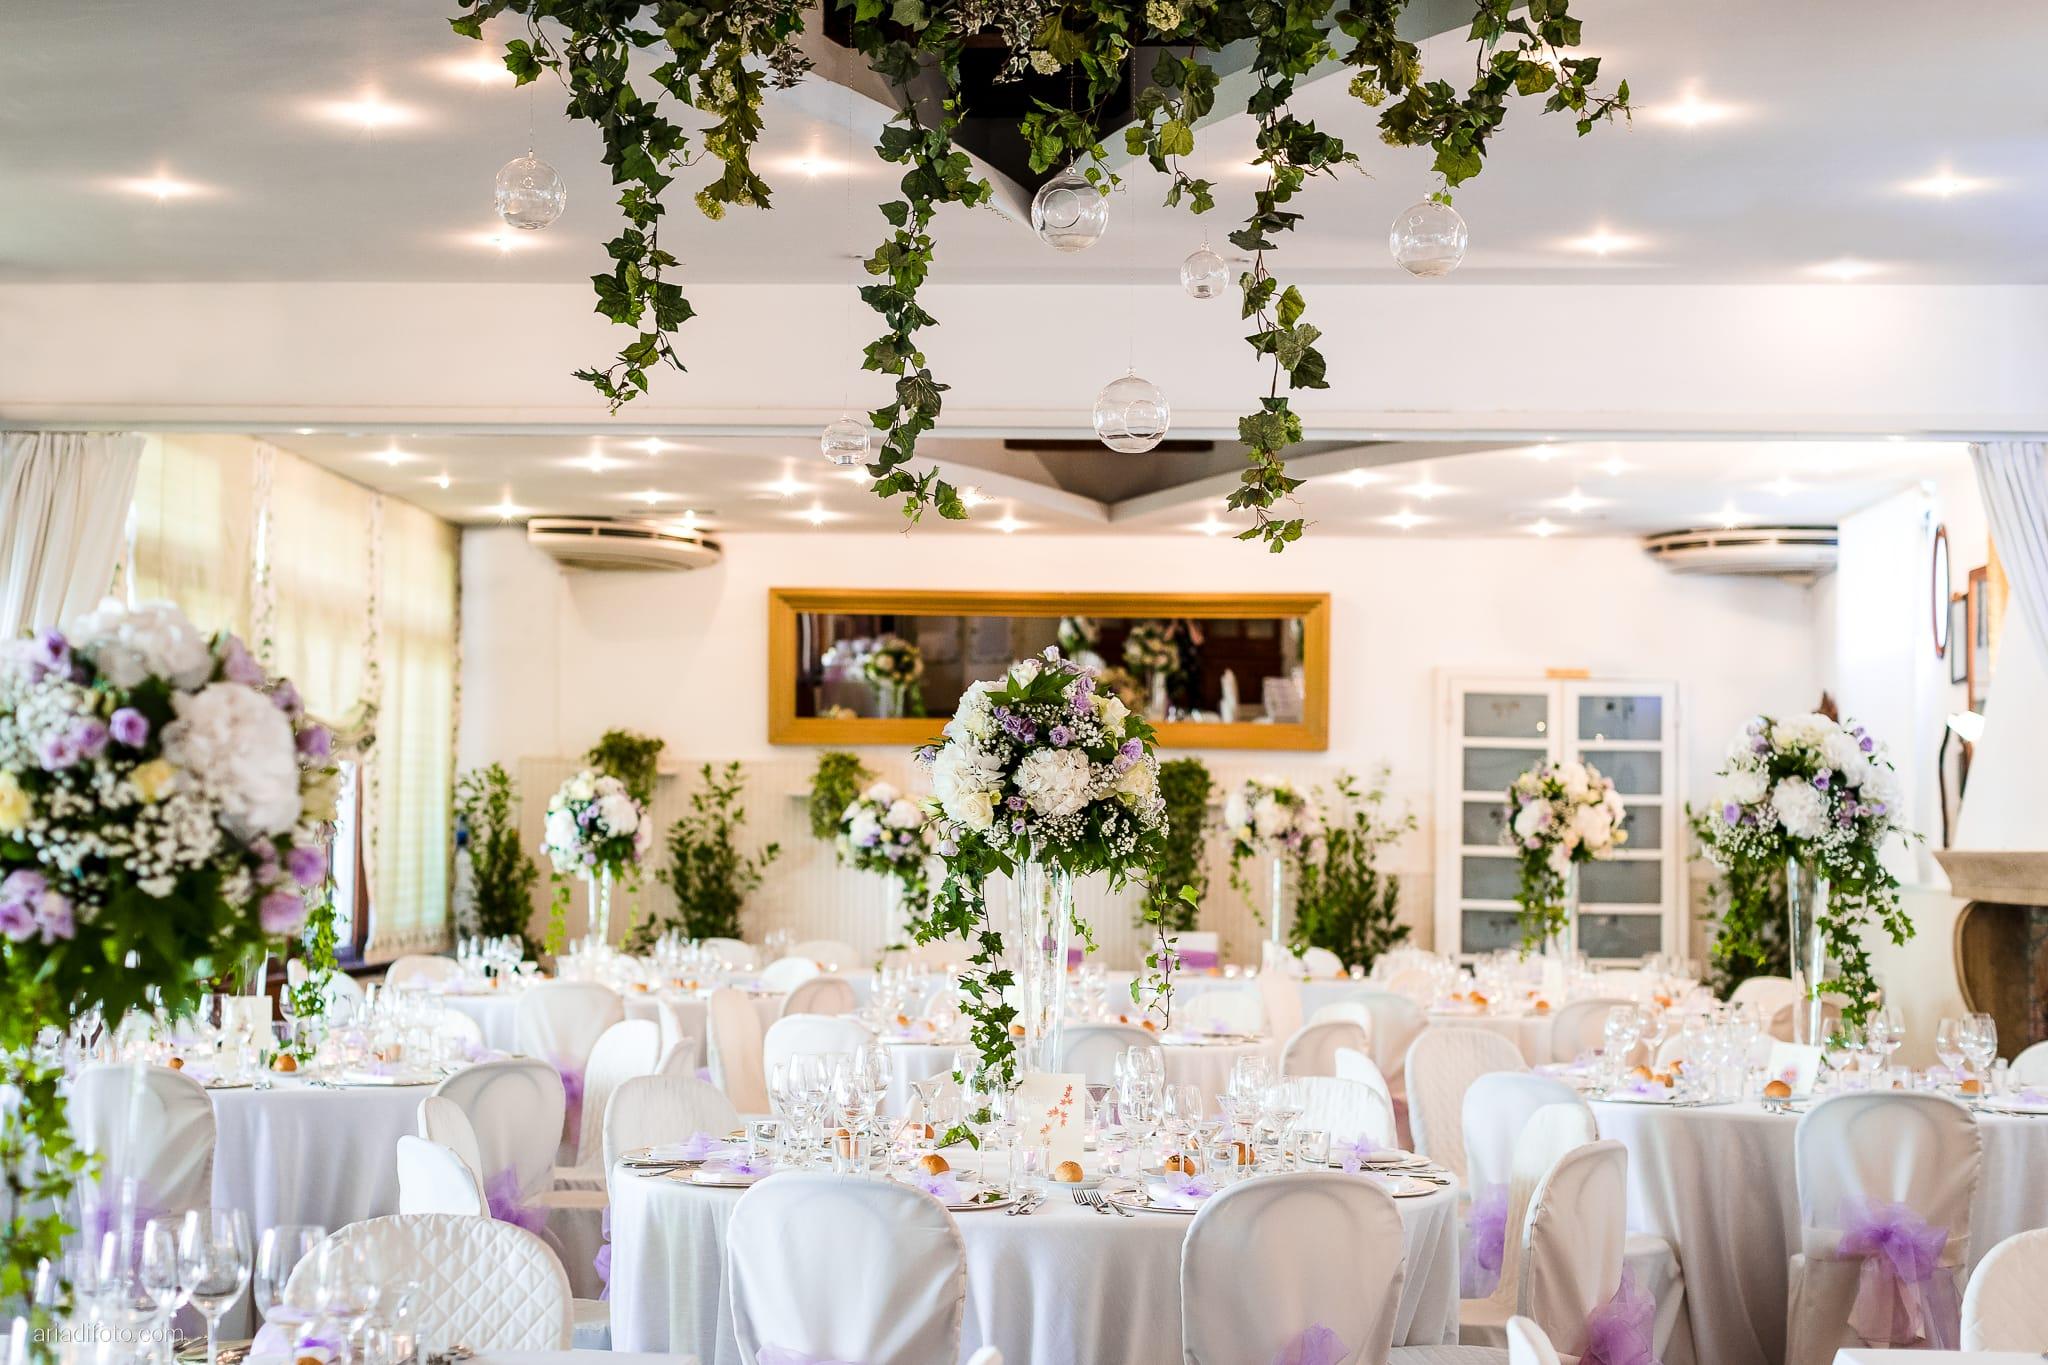 Anna Matteo Matrimonio Parco di Buttrio Udine ricevimento decorazioni centrotavola allestimenti sala